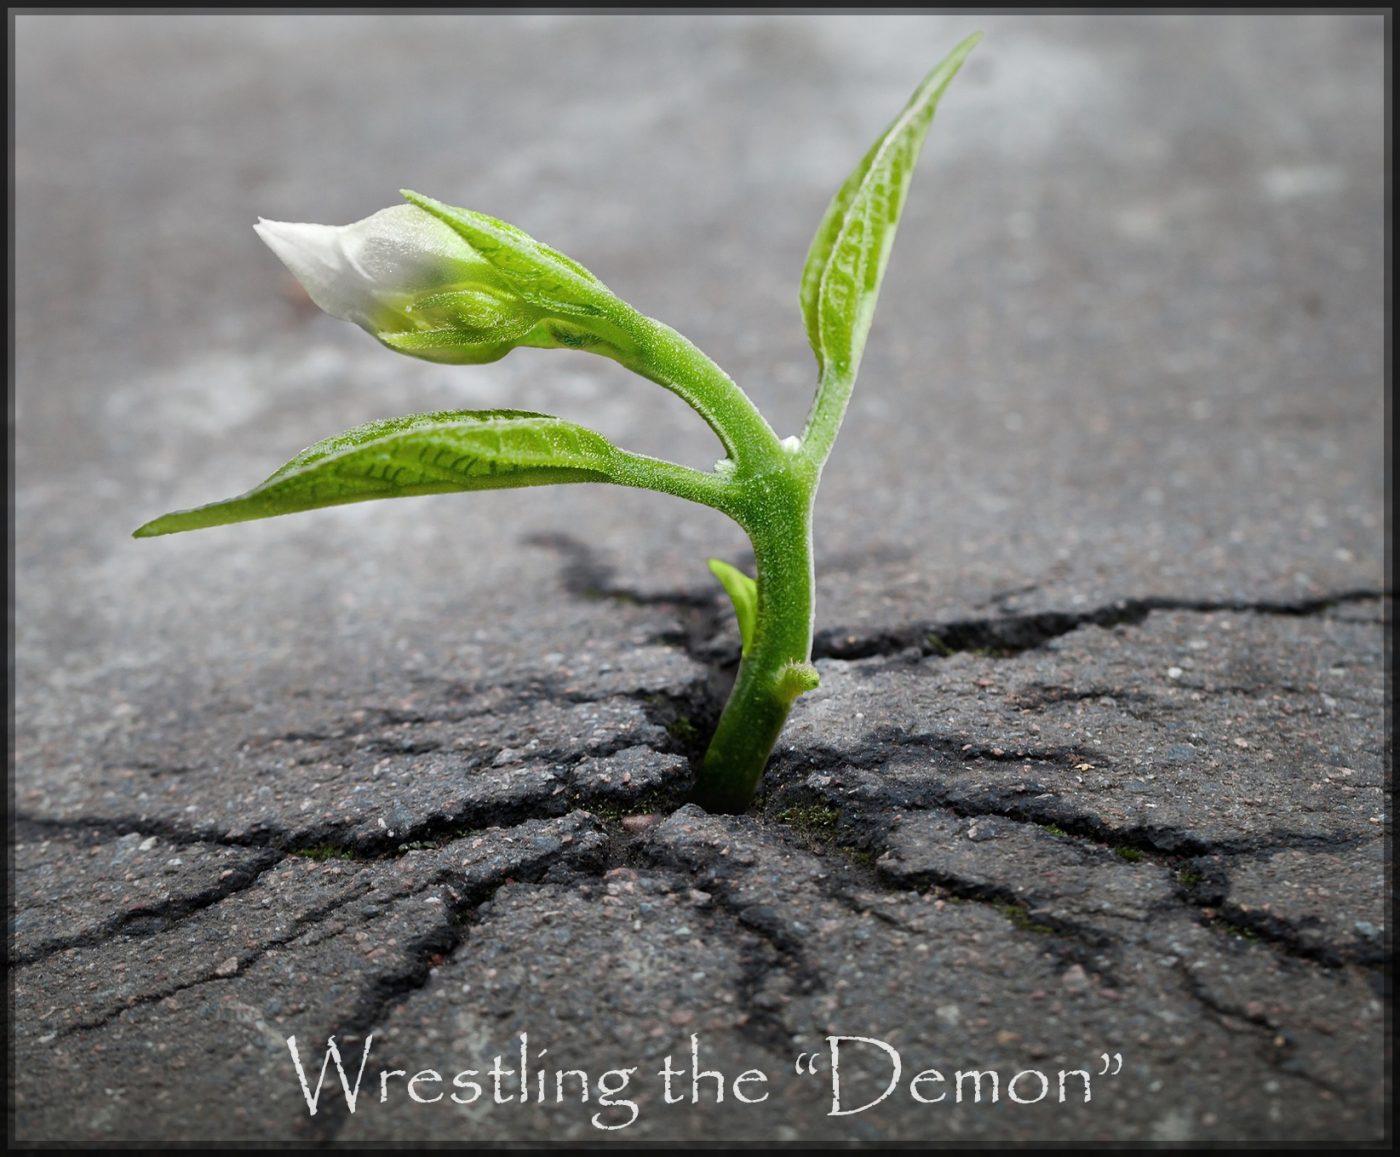 """Wrestling the """"Demon"""""""